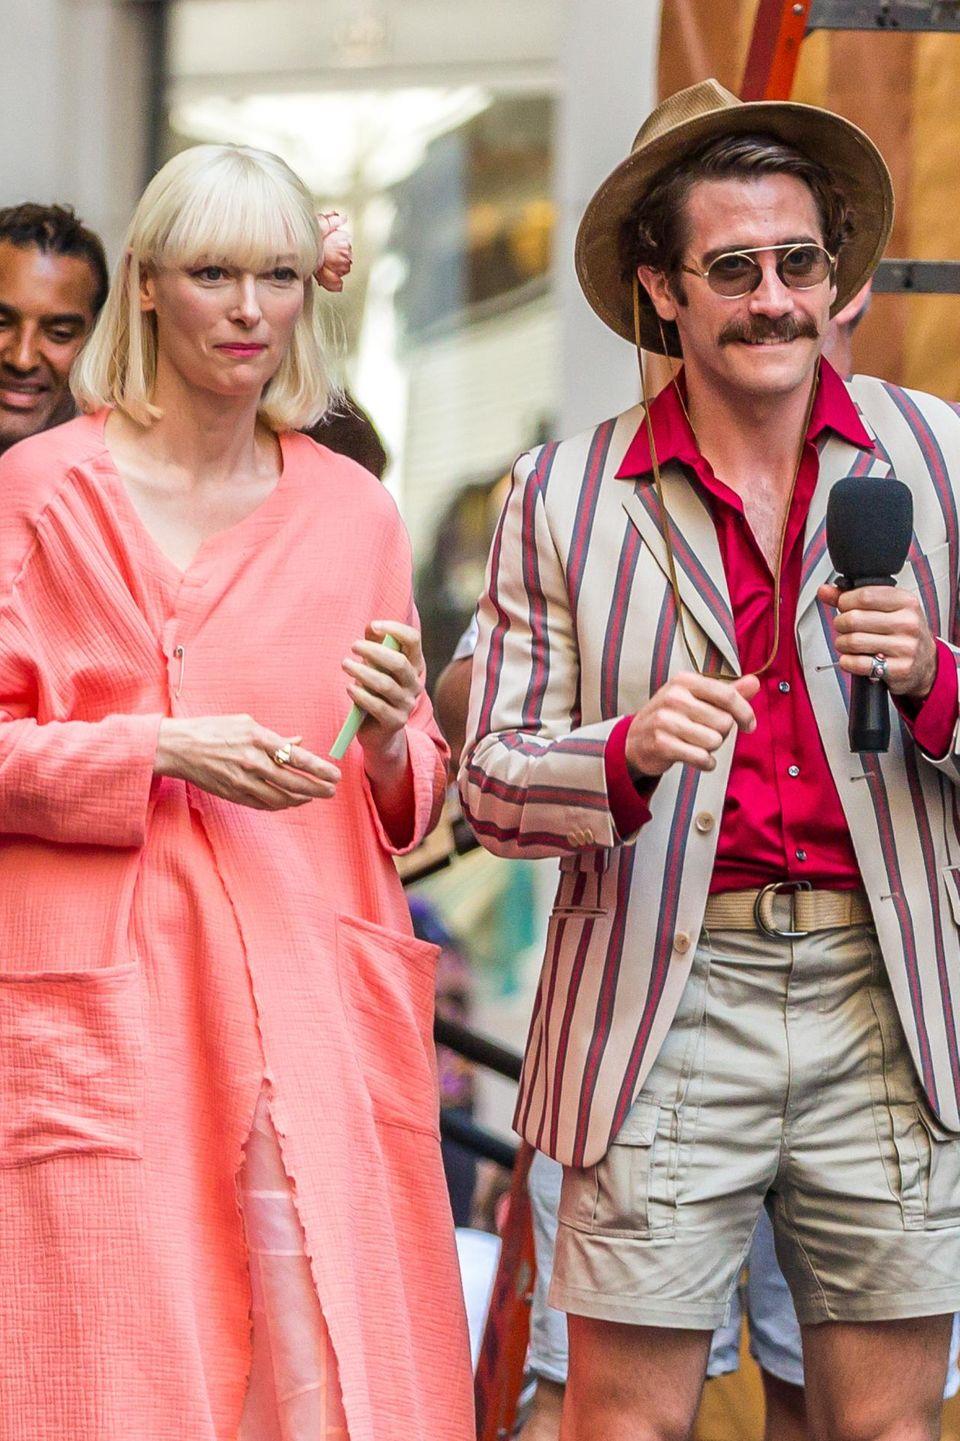 """Der erste Drehtag von """"Okja"""" und schon so viel Spaß! HIer sehen Sie Tilda Swinton neben - unglaublich, aber wahr - Jake Gyllenhaal. Er wird von Jahr zu Jahr wandelbarer."""